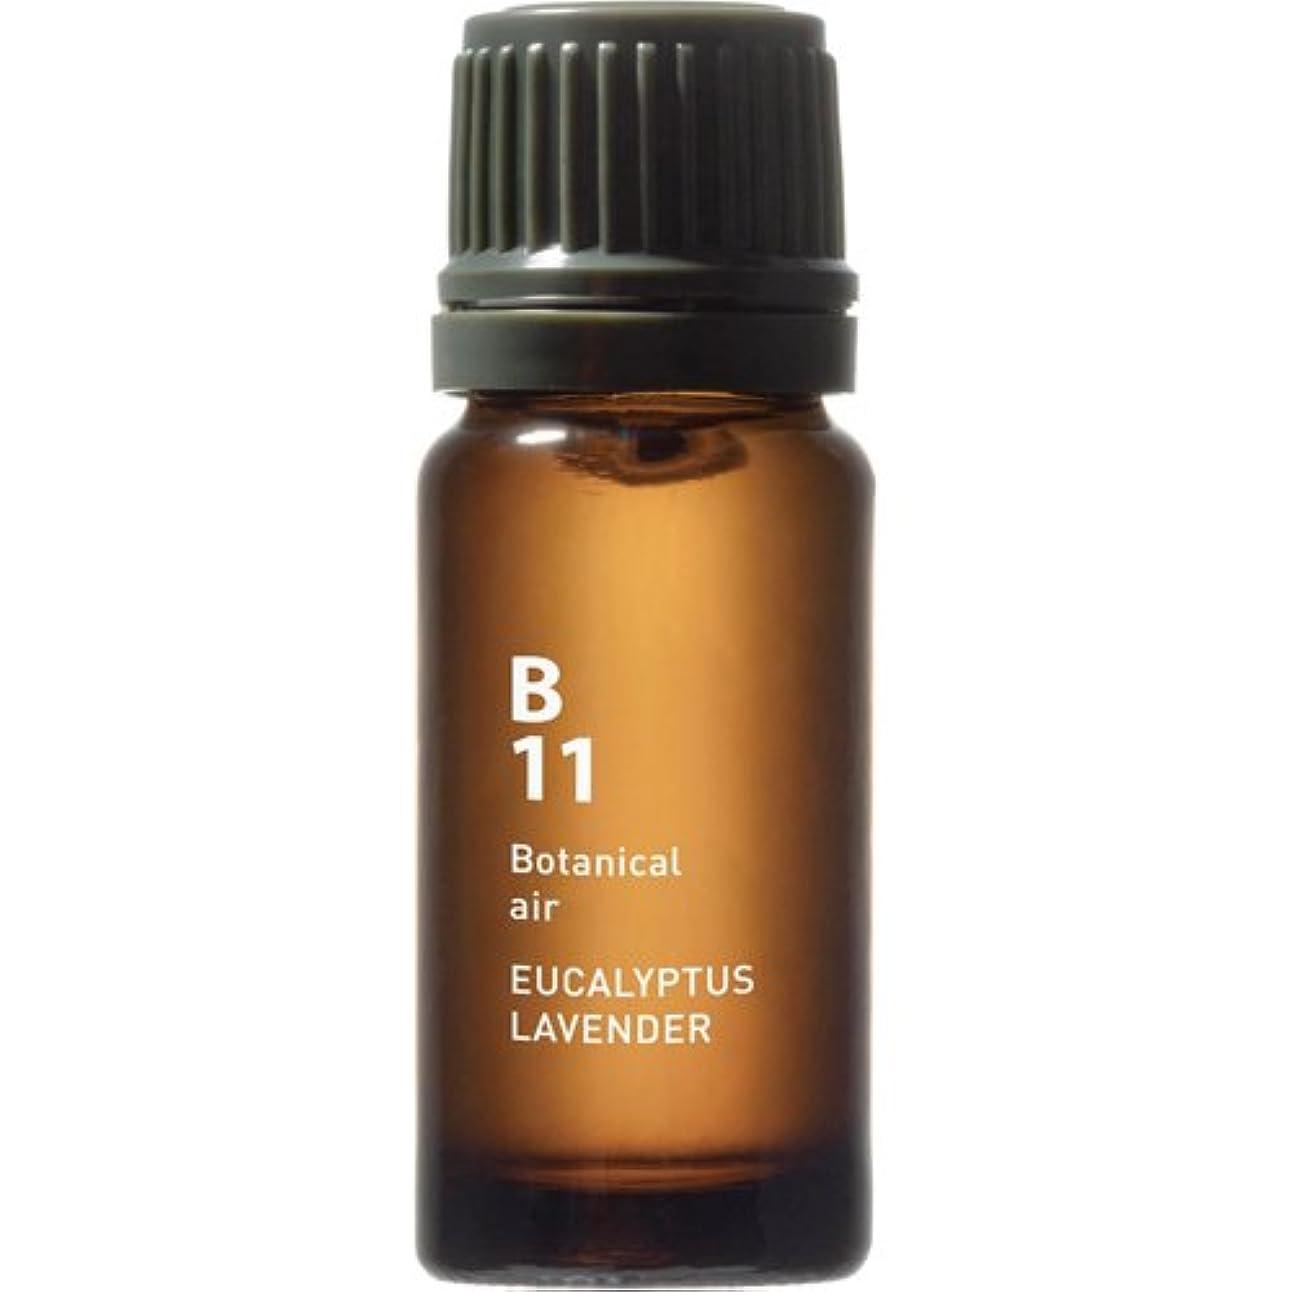 記憶折望むB11 ユーカリラベンダー Botanical air(ボタニカルエアー) 10ml